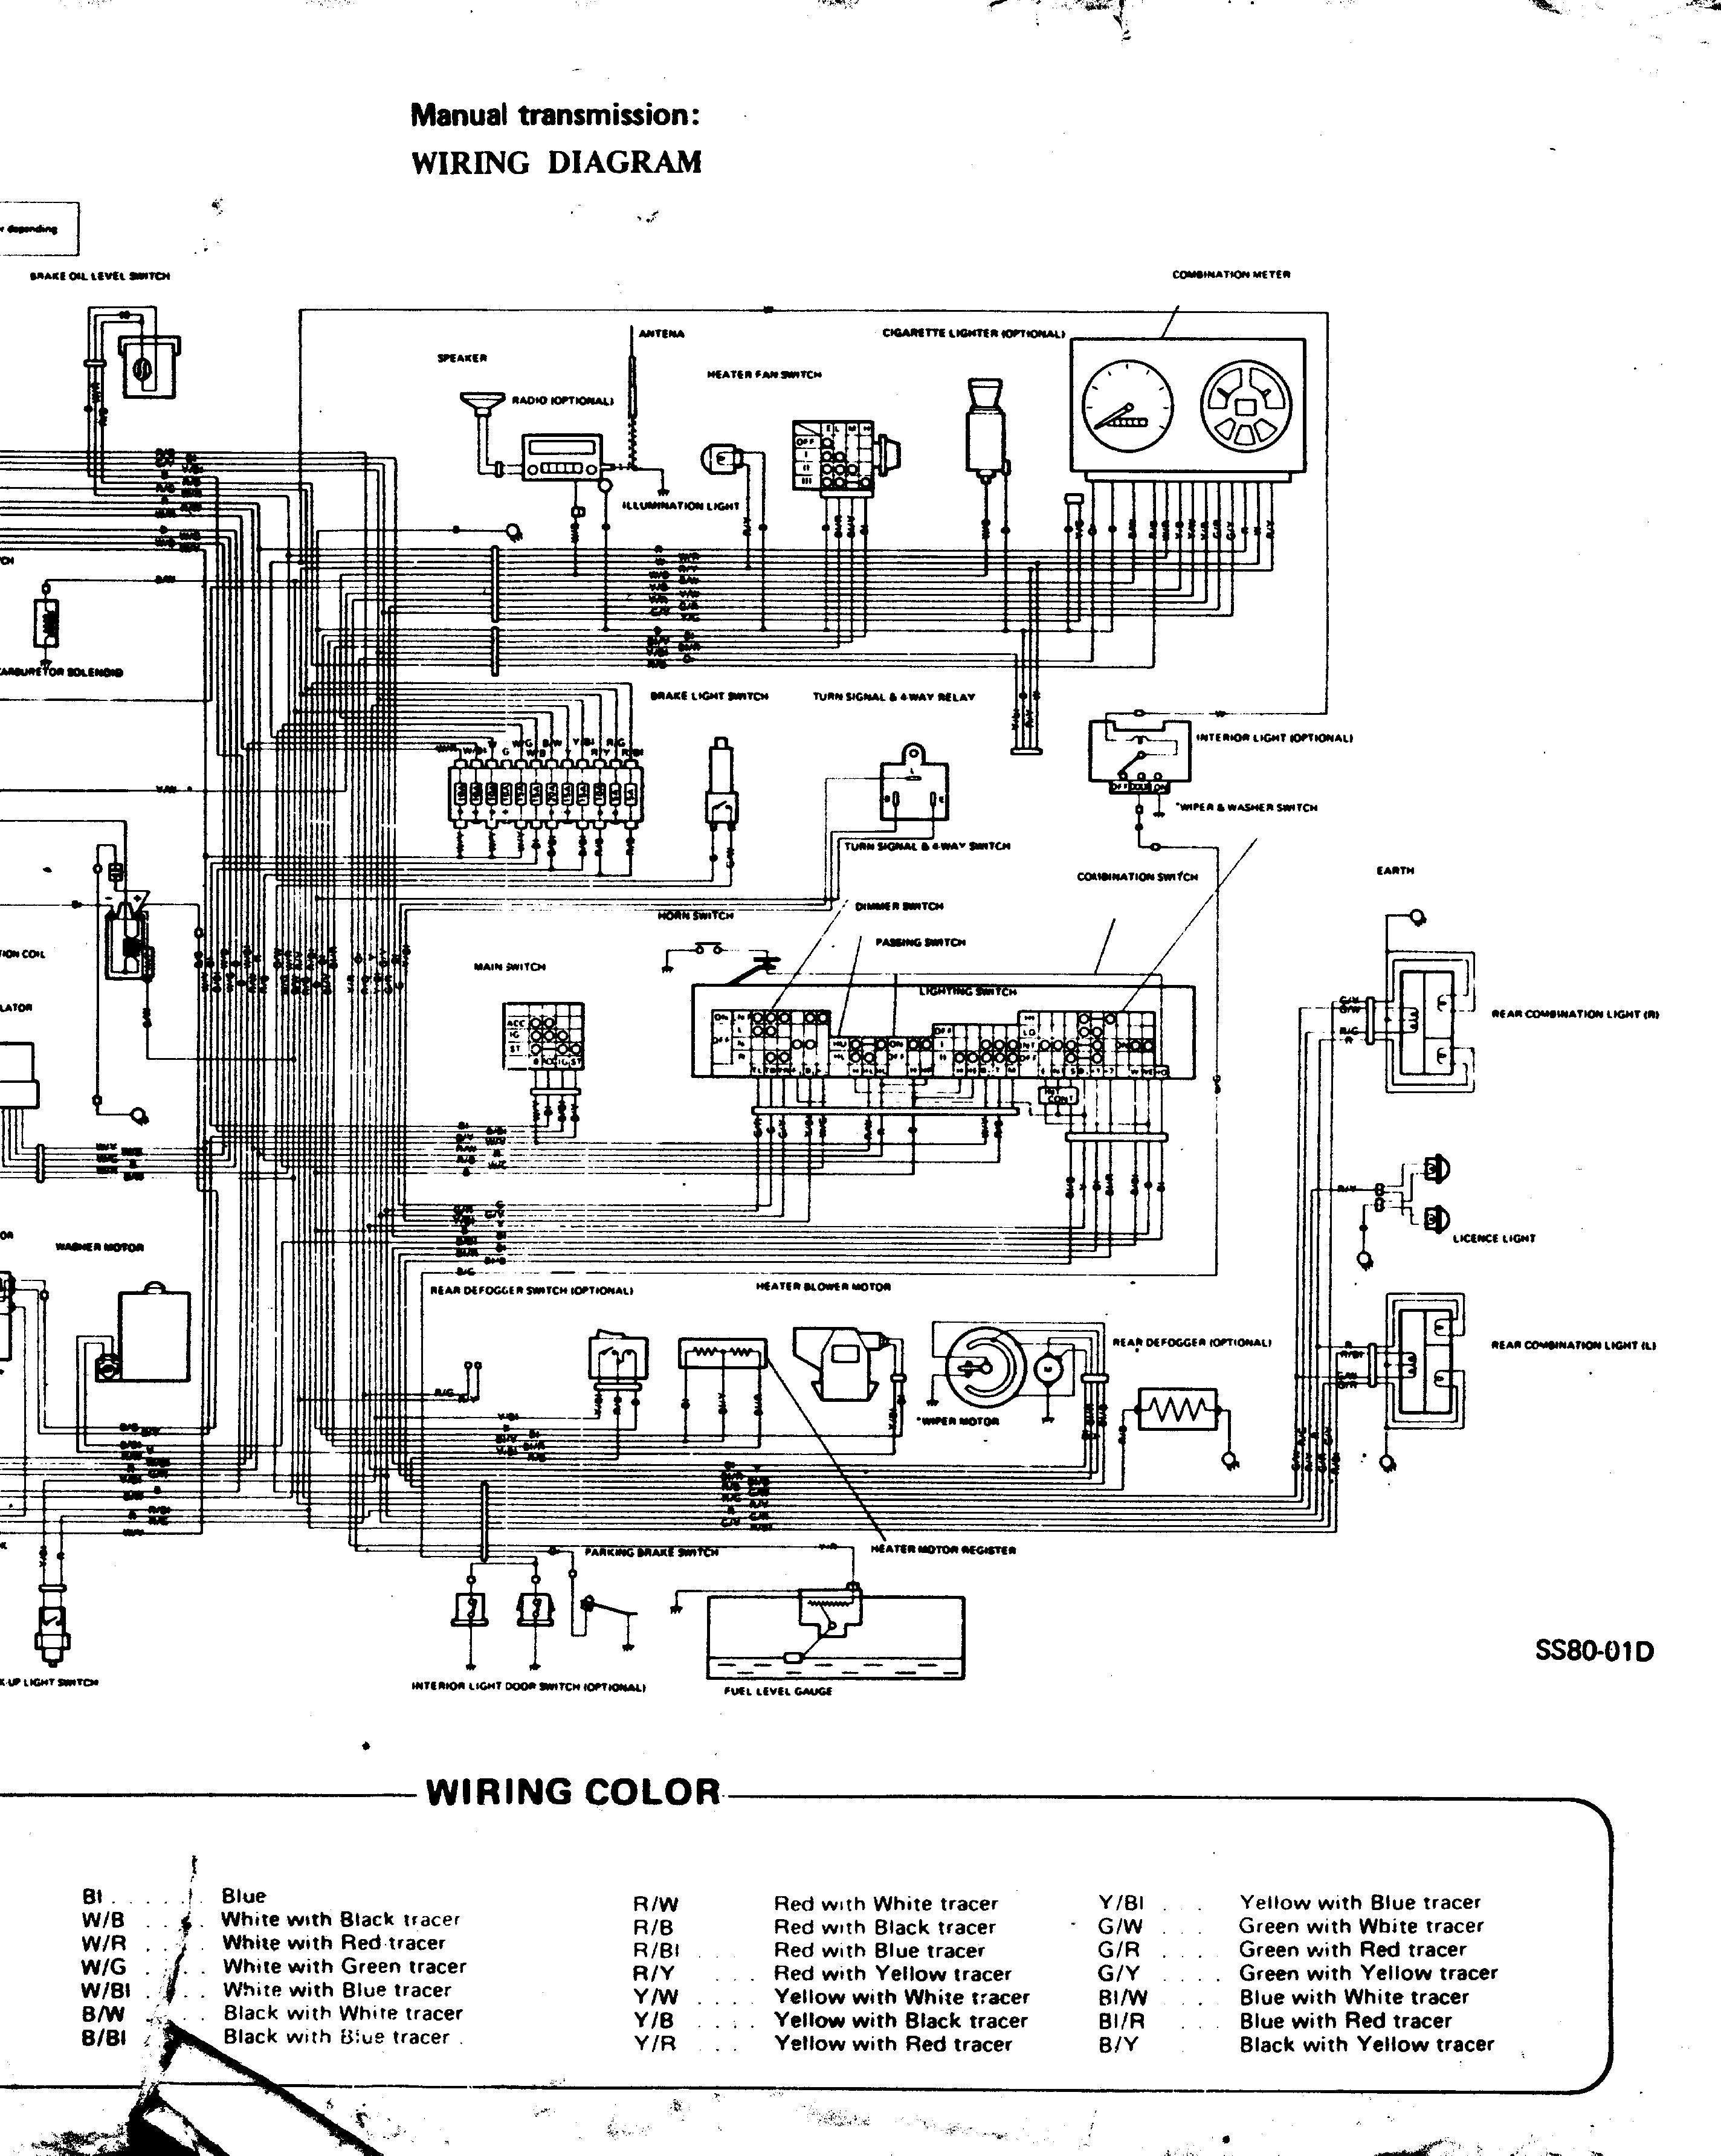 2000 suzuki intruder 800 wiring diagrams pdf block and schematic 1987 suzuki  intruder 700 bobber wiring